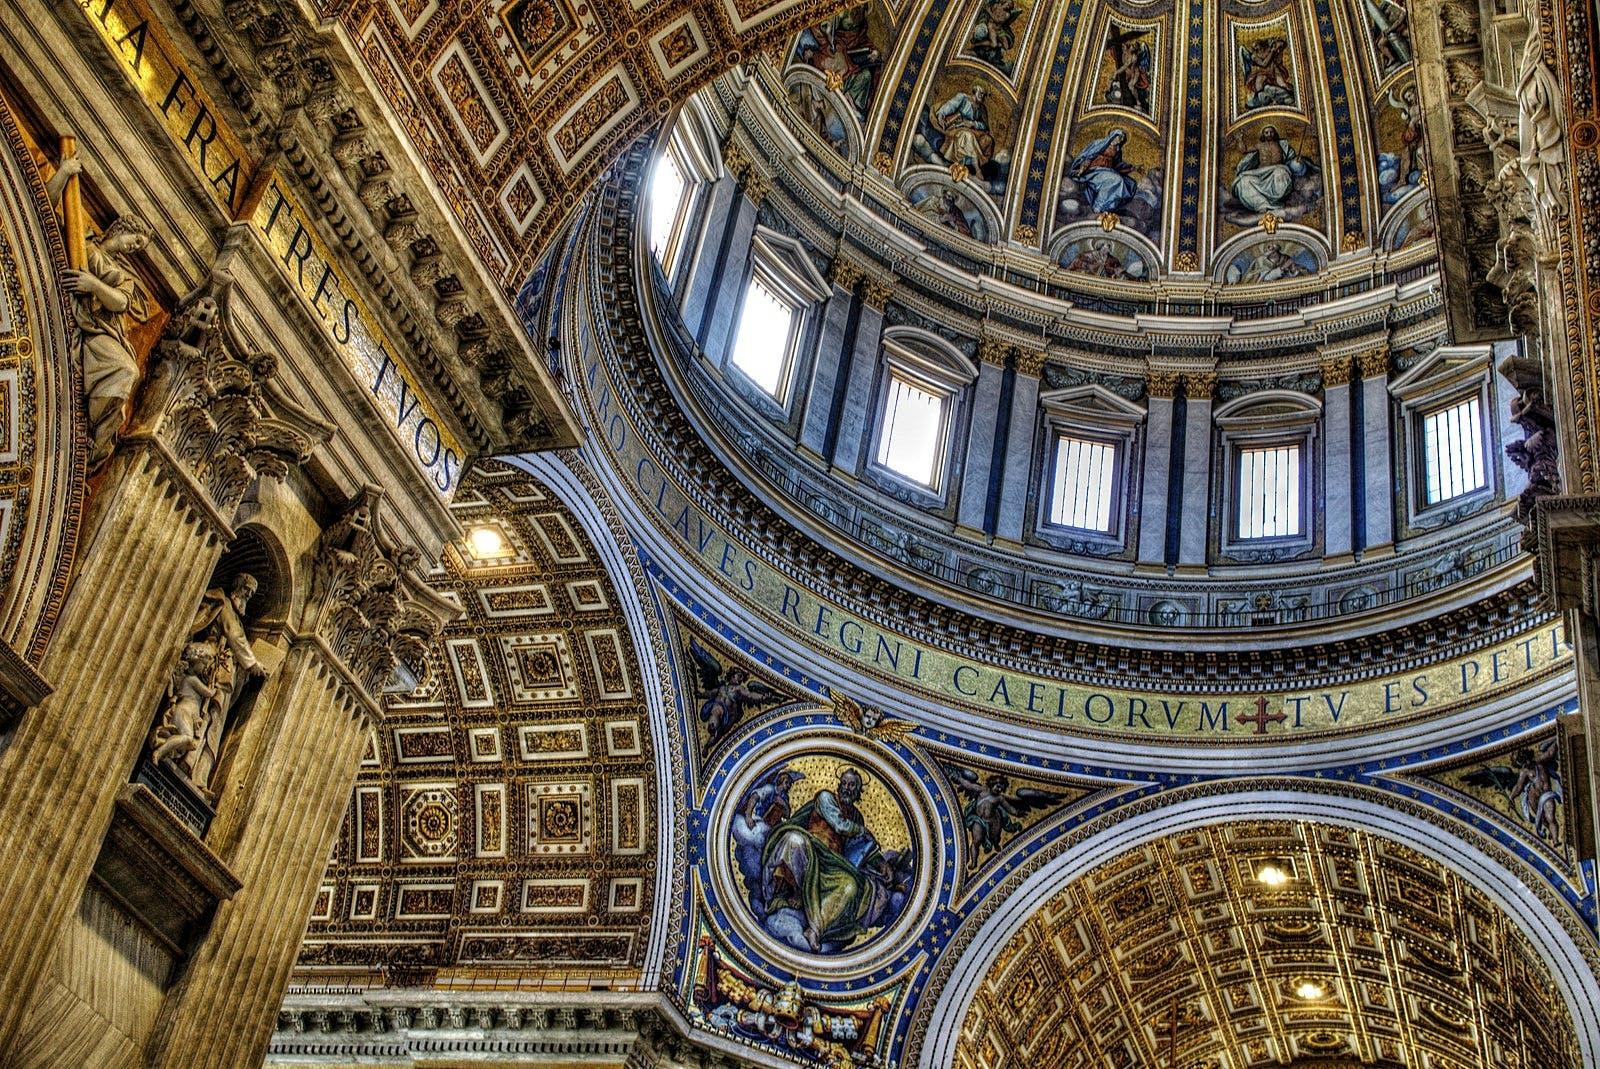 ドーム, 大聖堂, 天井, 建物の無料の写真素材